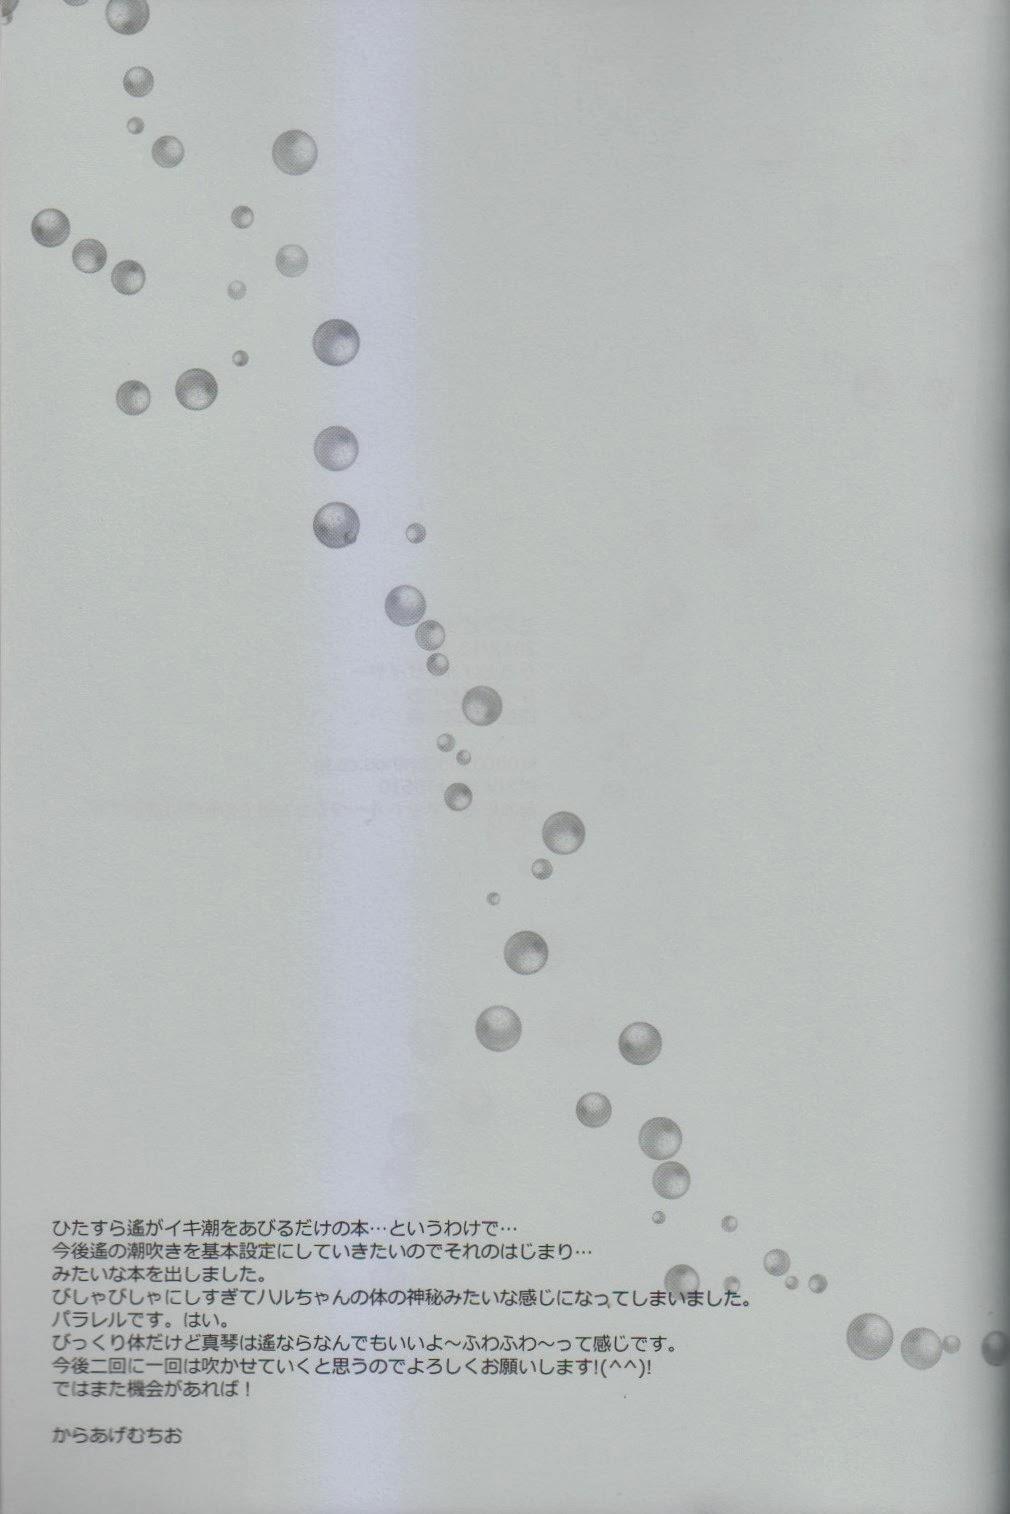 MizuaBitch 19